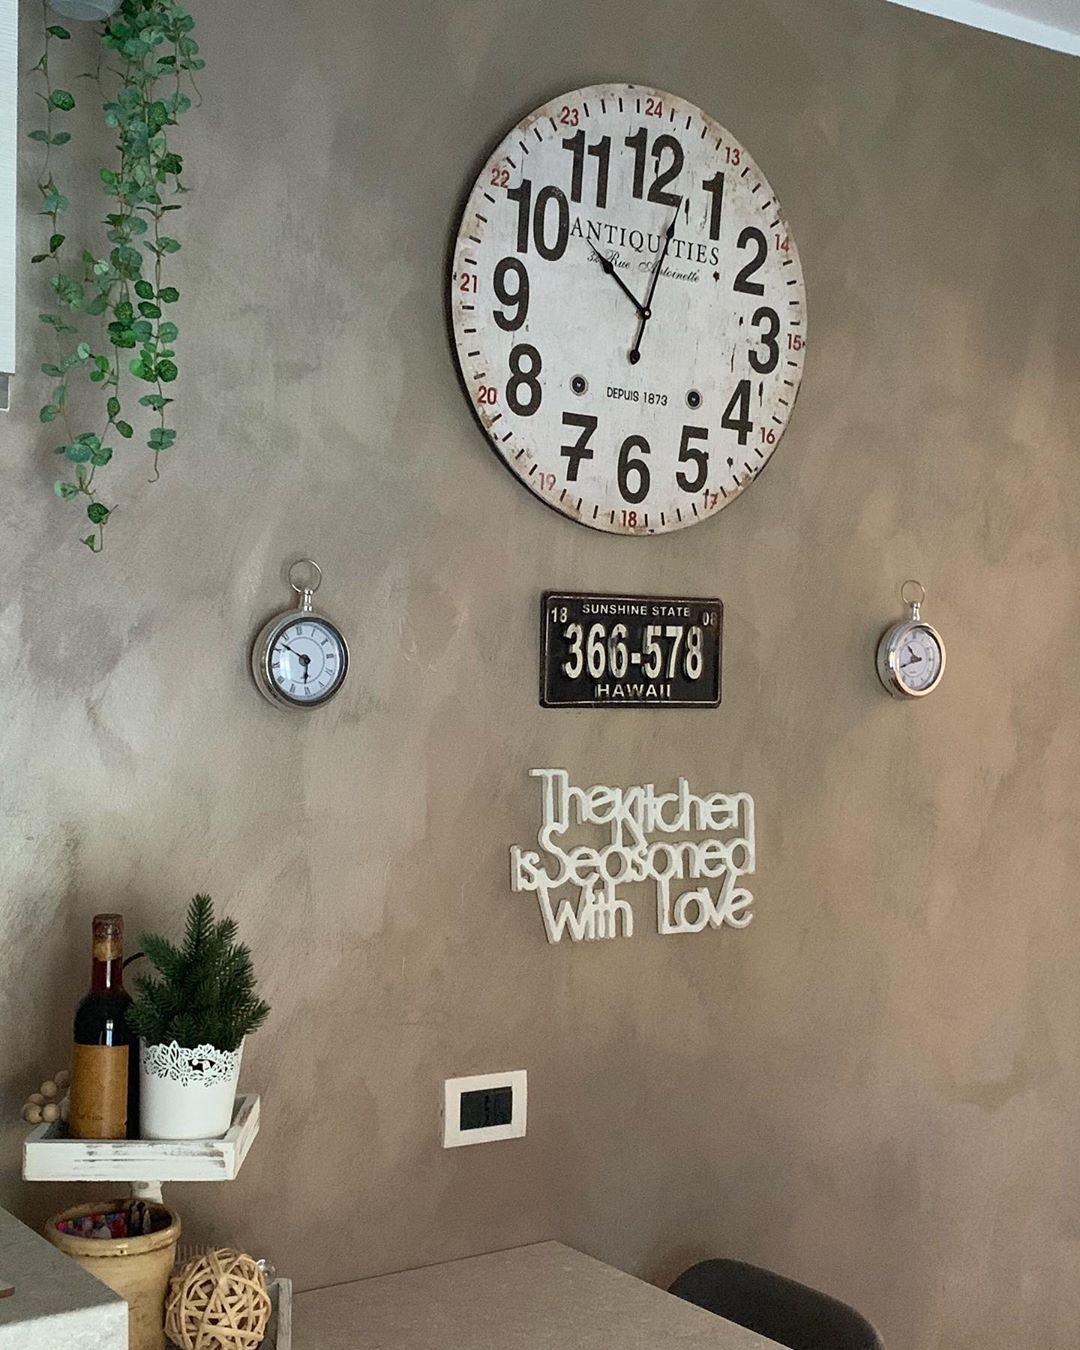 Buongiorno....guardate un po'? Finalmente è arrivata la mia decorazione murale personalizzata della @declea.it ... the kitchen is seasoned with love  La cucina è condita con amore ....mi piace davvero moltissimo ...!! . . . . Che ve ne sembra ?. . . . . Home#homesweethome#homedesign#homemade #homemade #homesteading #cucina&n